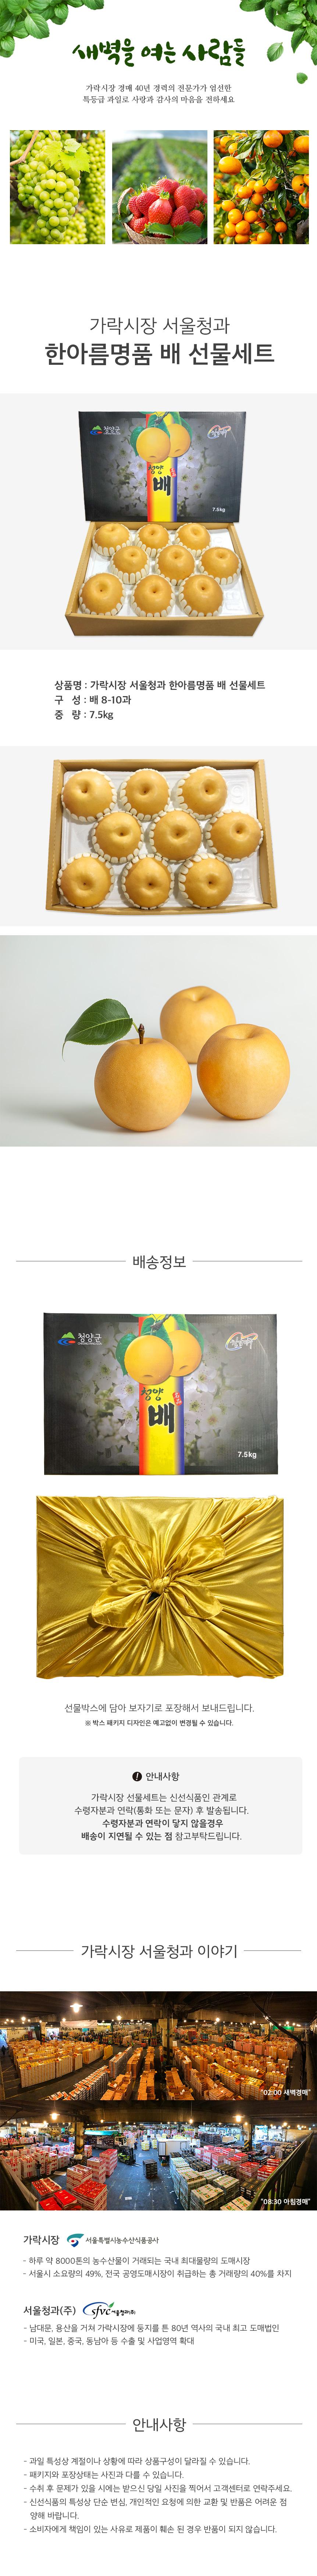 가락시장 서울청과 한아름명품 배 선물세트 7.5kg (배 8-10과)